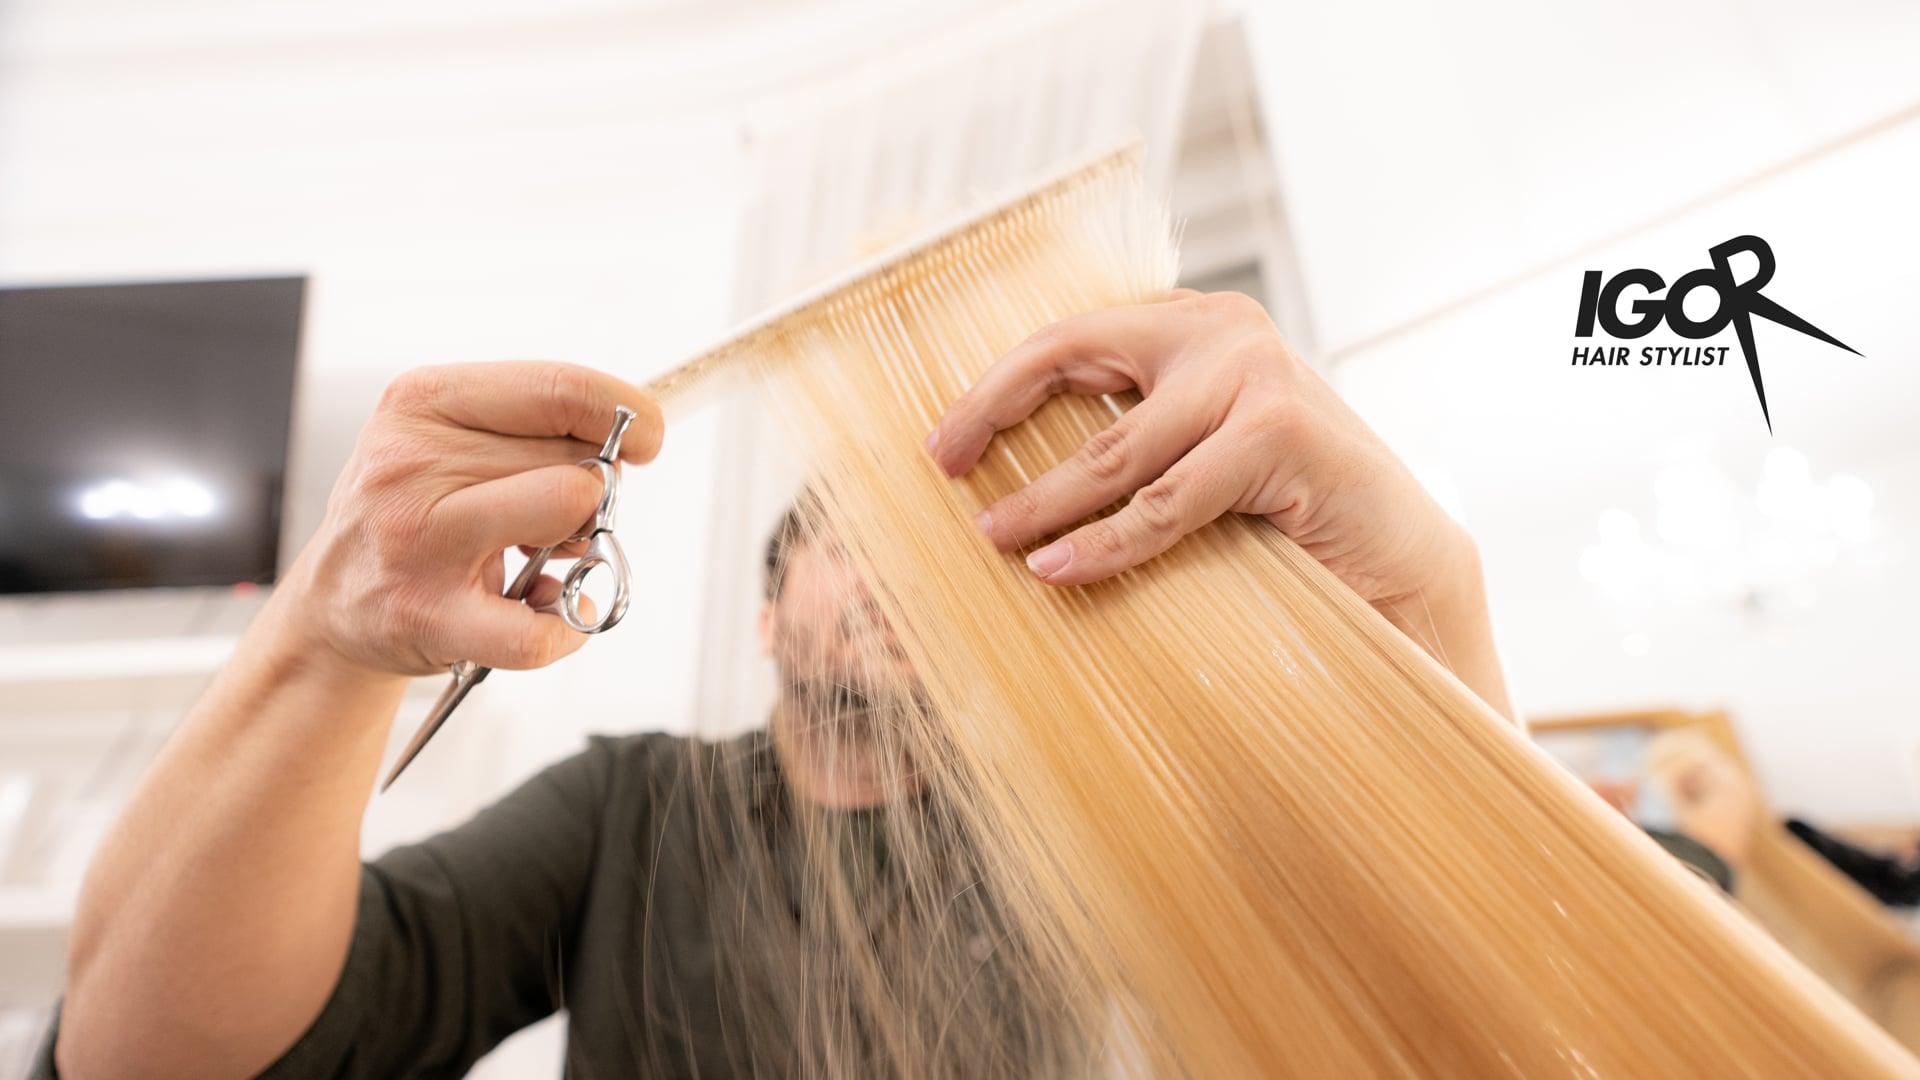 Igor hair stylist promo